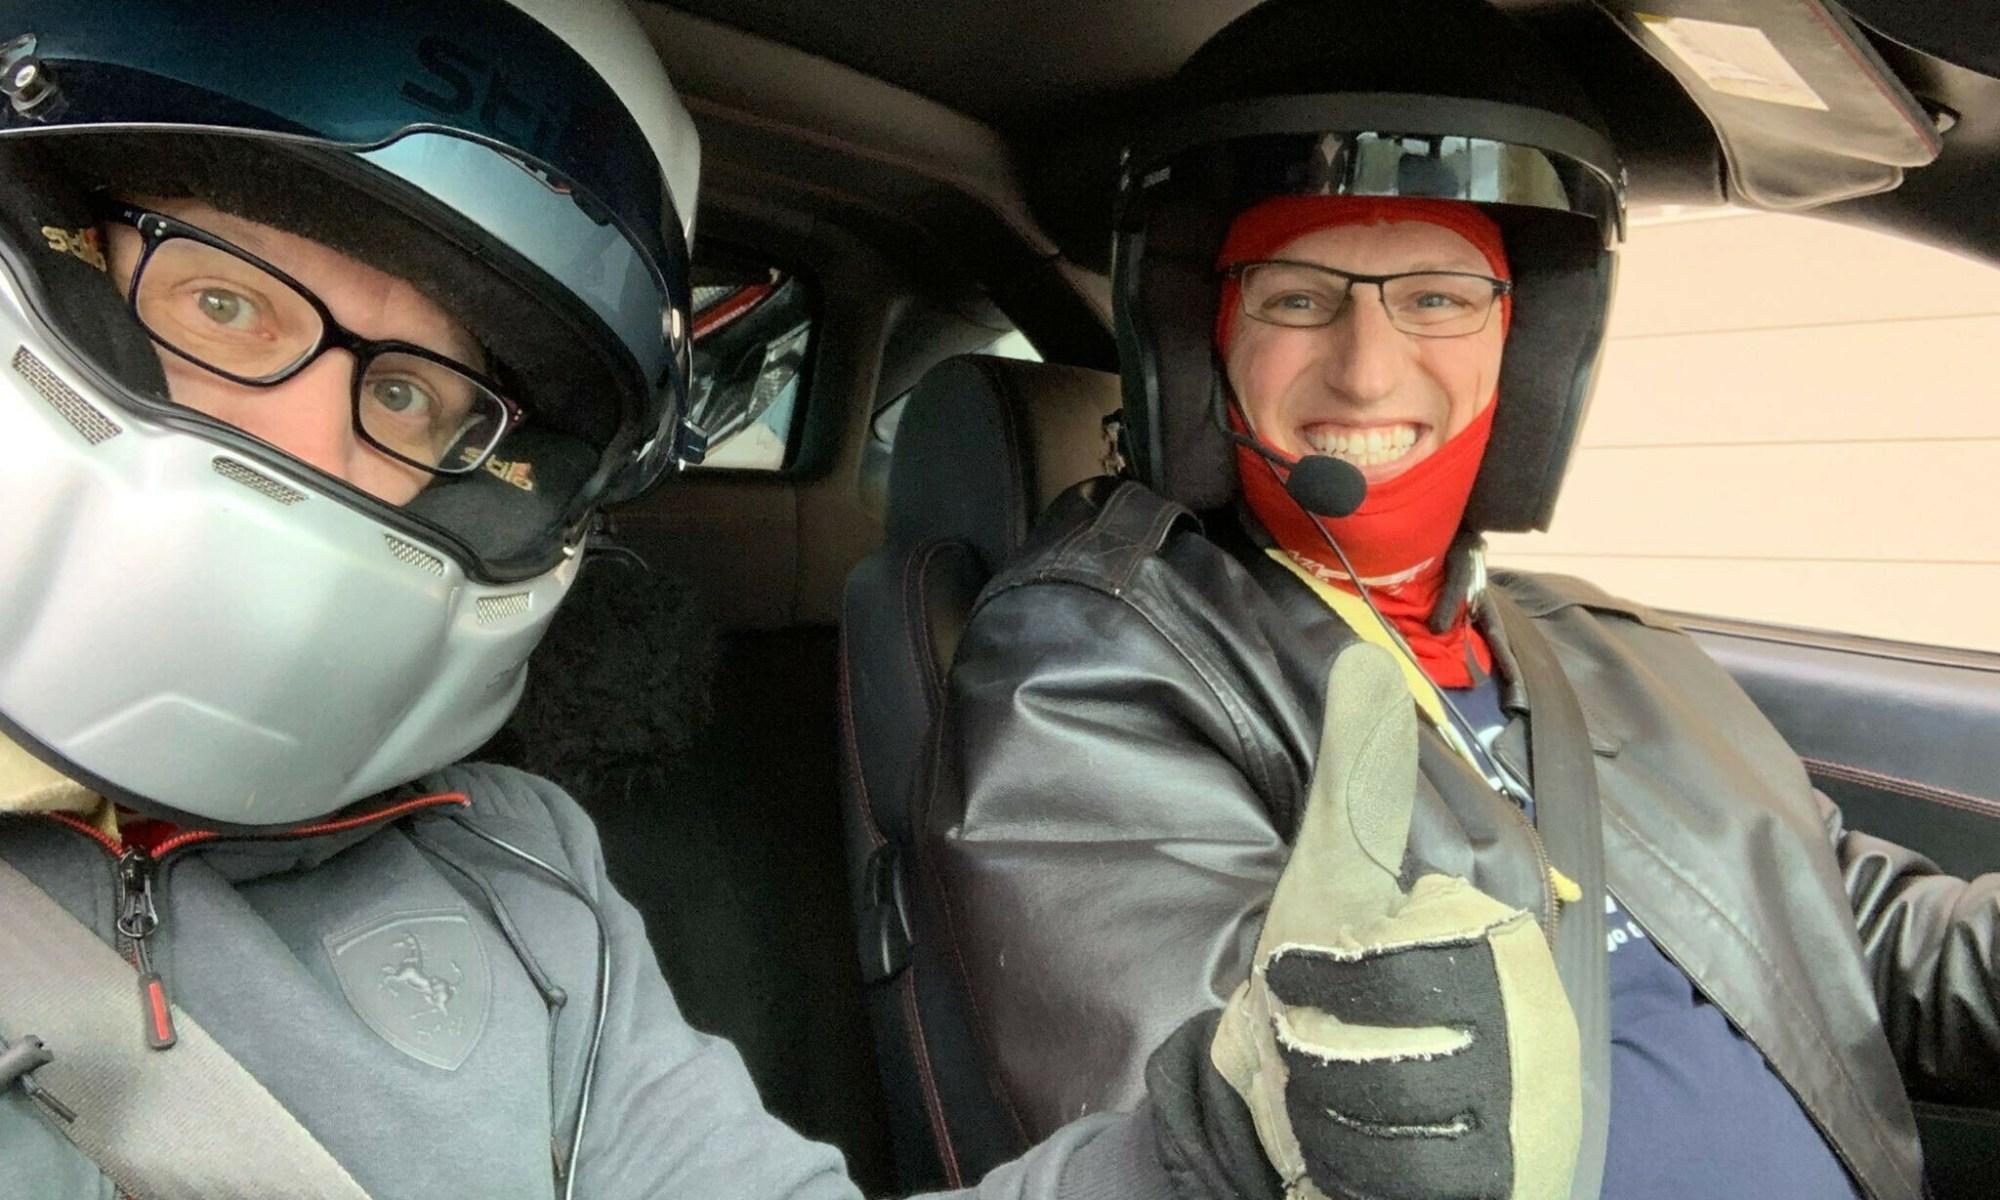 Dan wearing a helmet in his Ferrari F430 at COTA